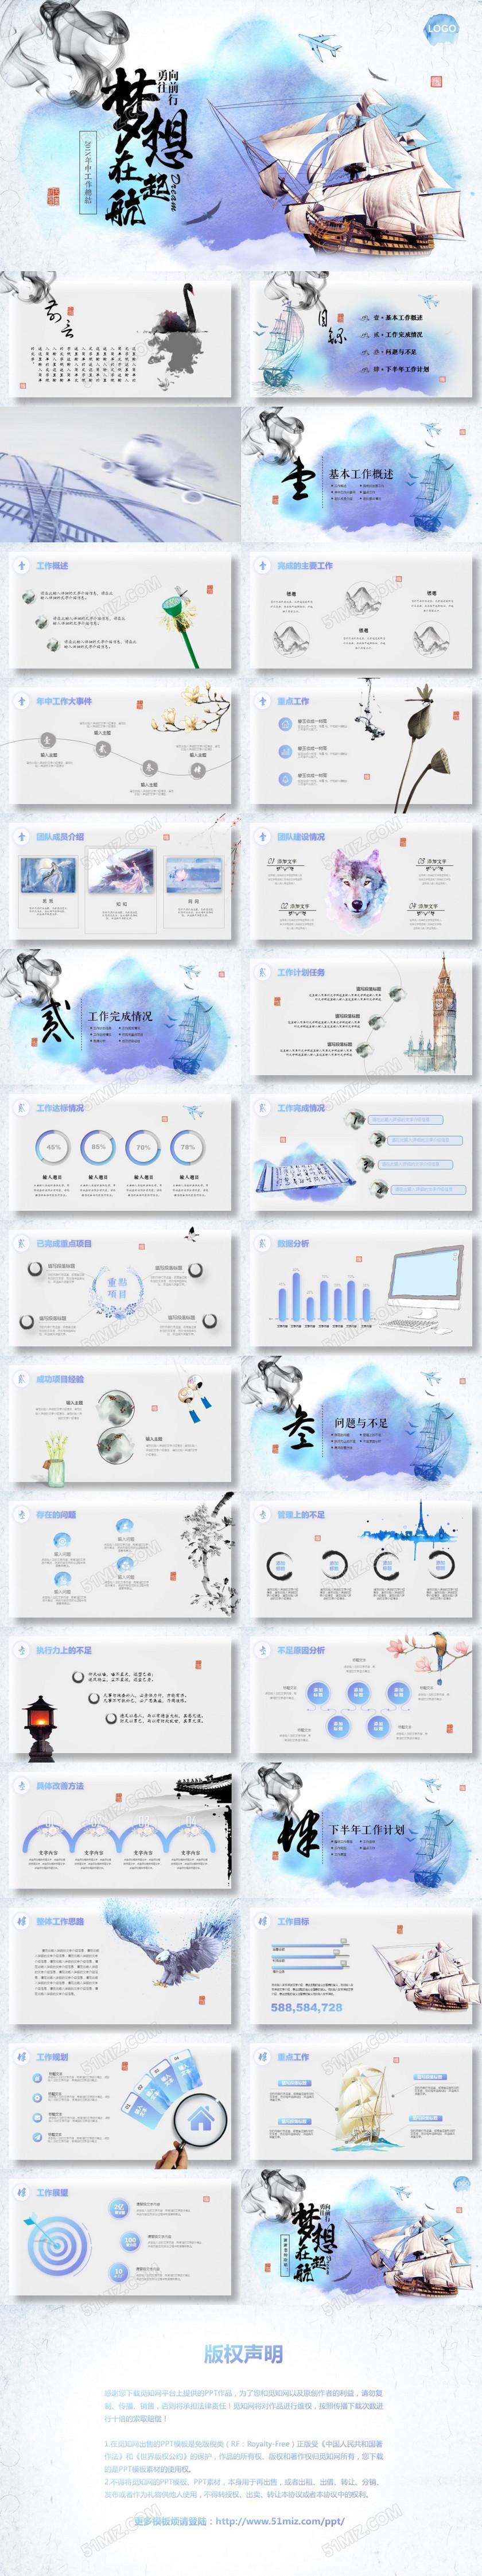 唯美视频片头水墨中国风年中工作总结计划Ppt模板